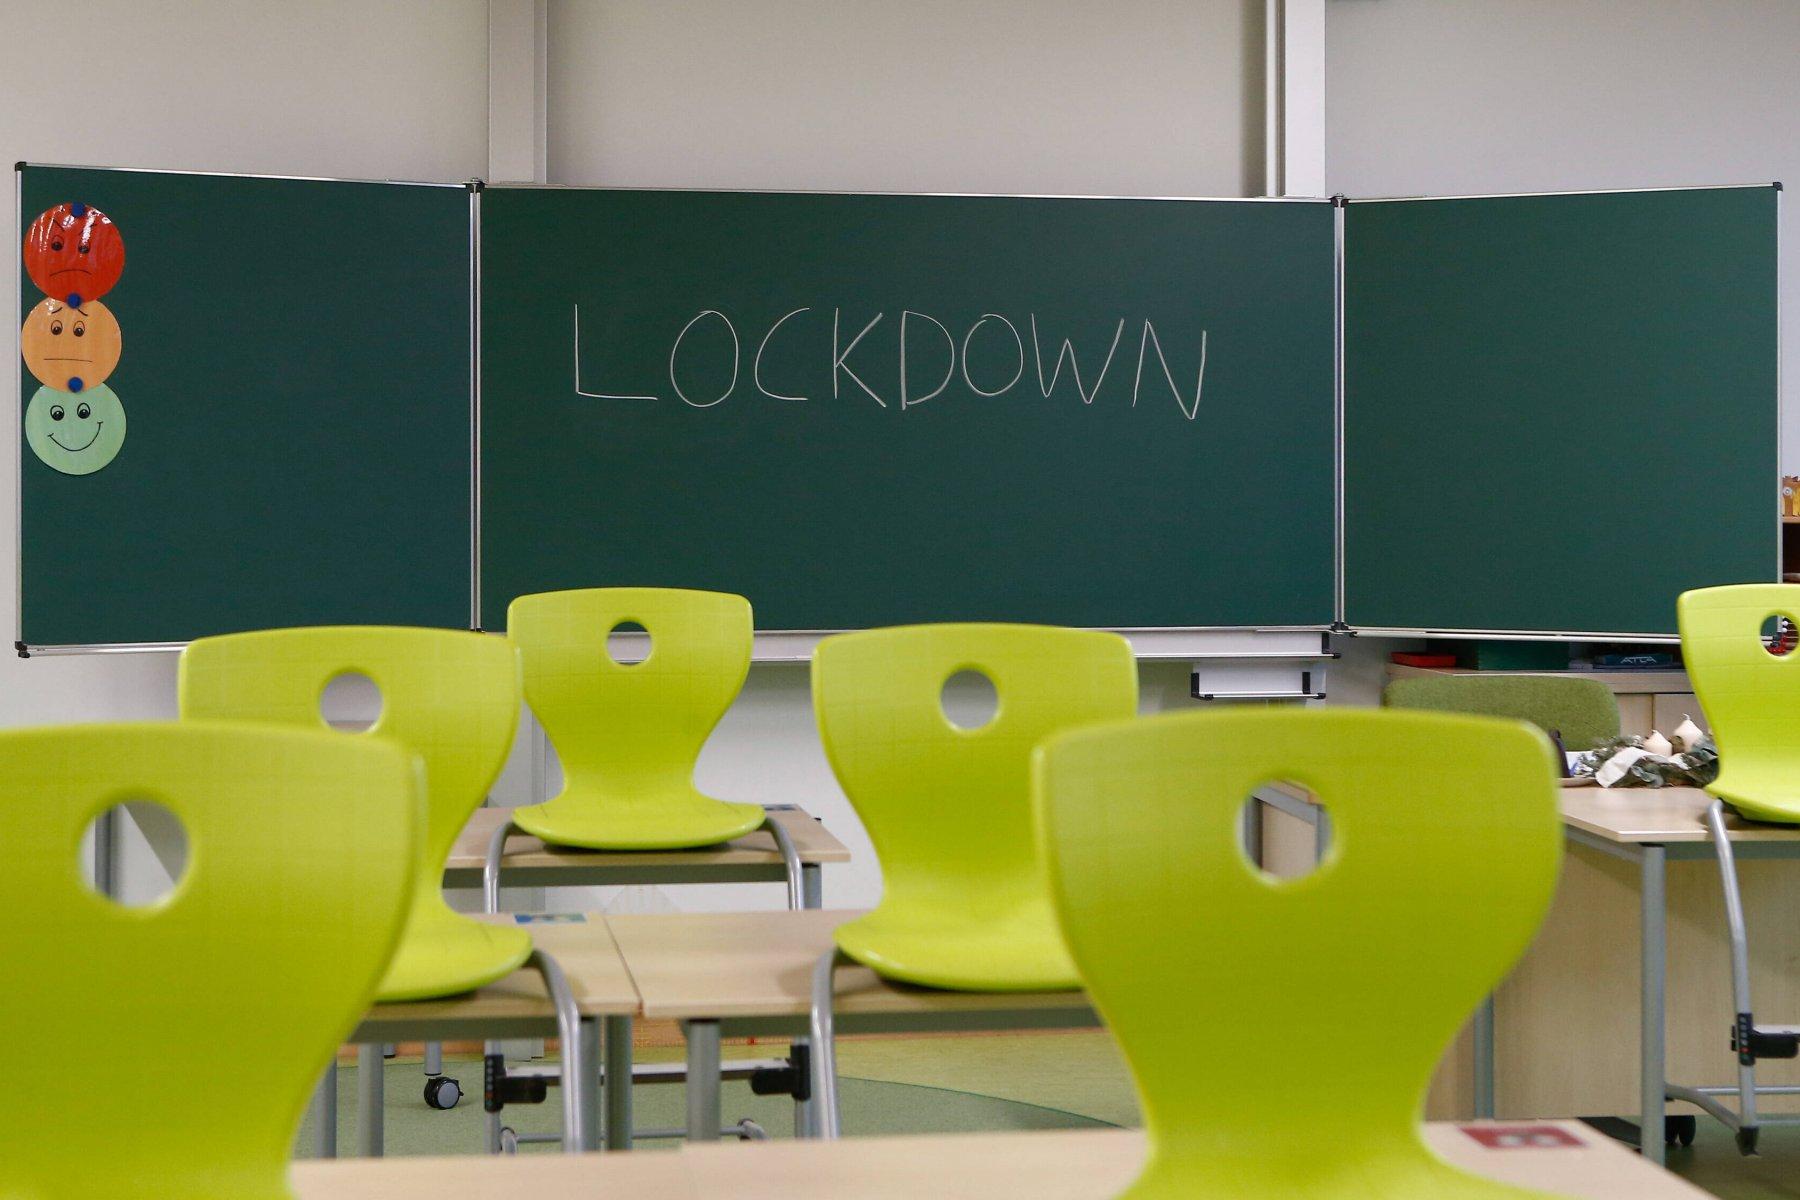 sxoleio lockdown